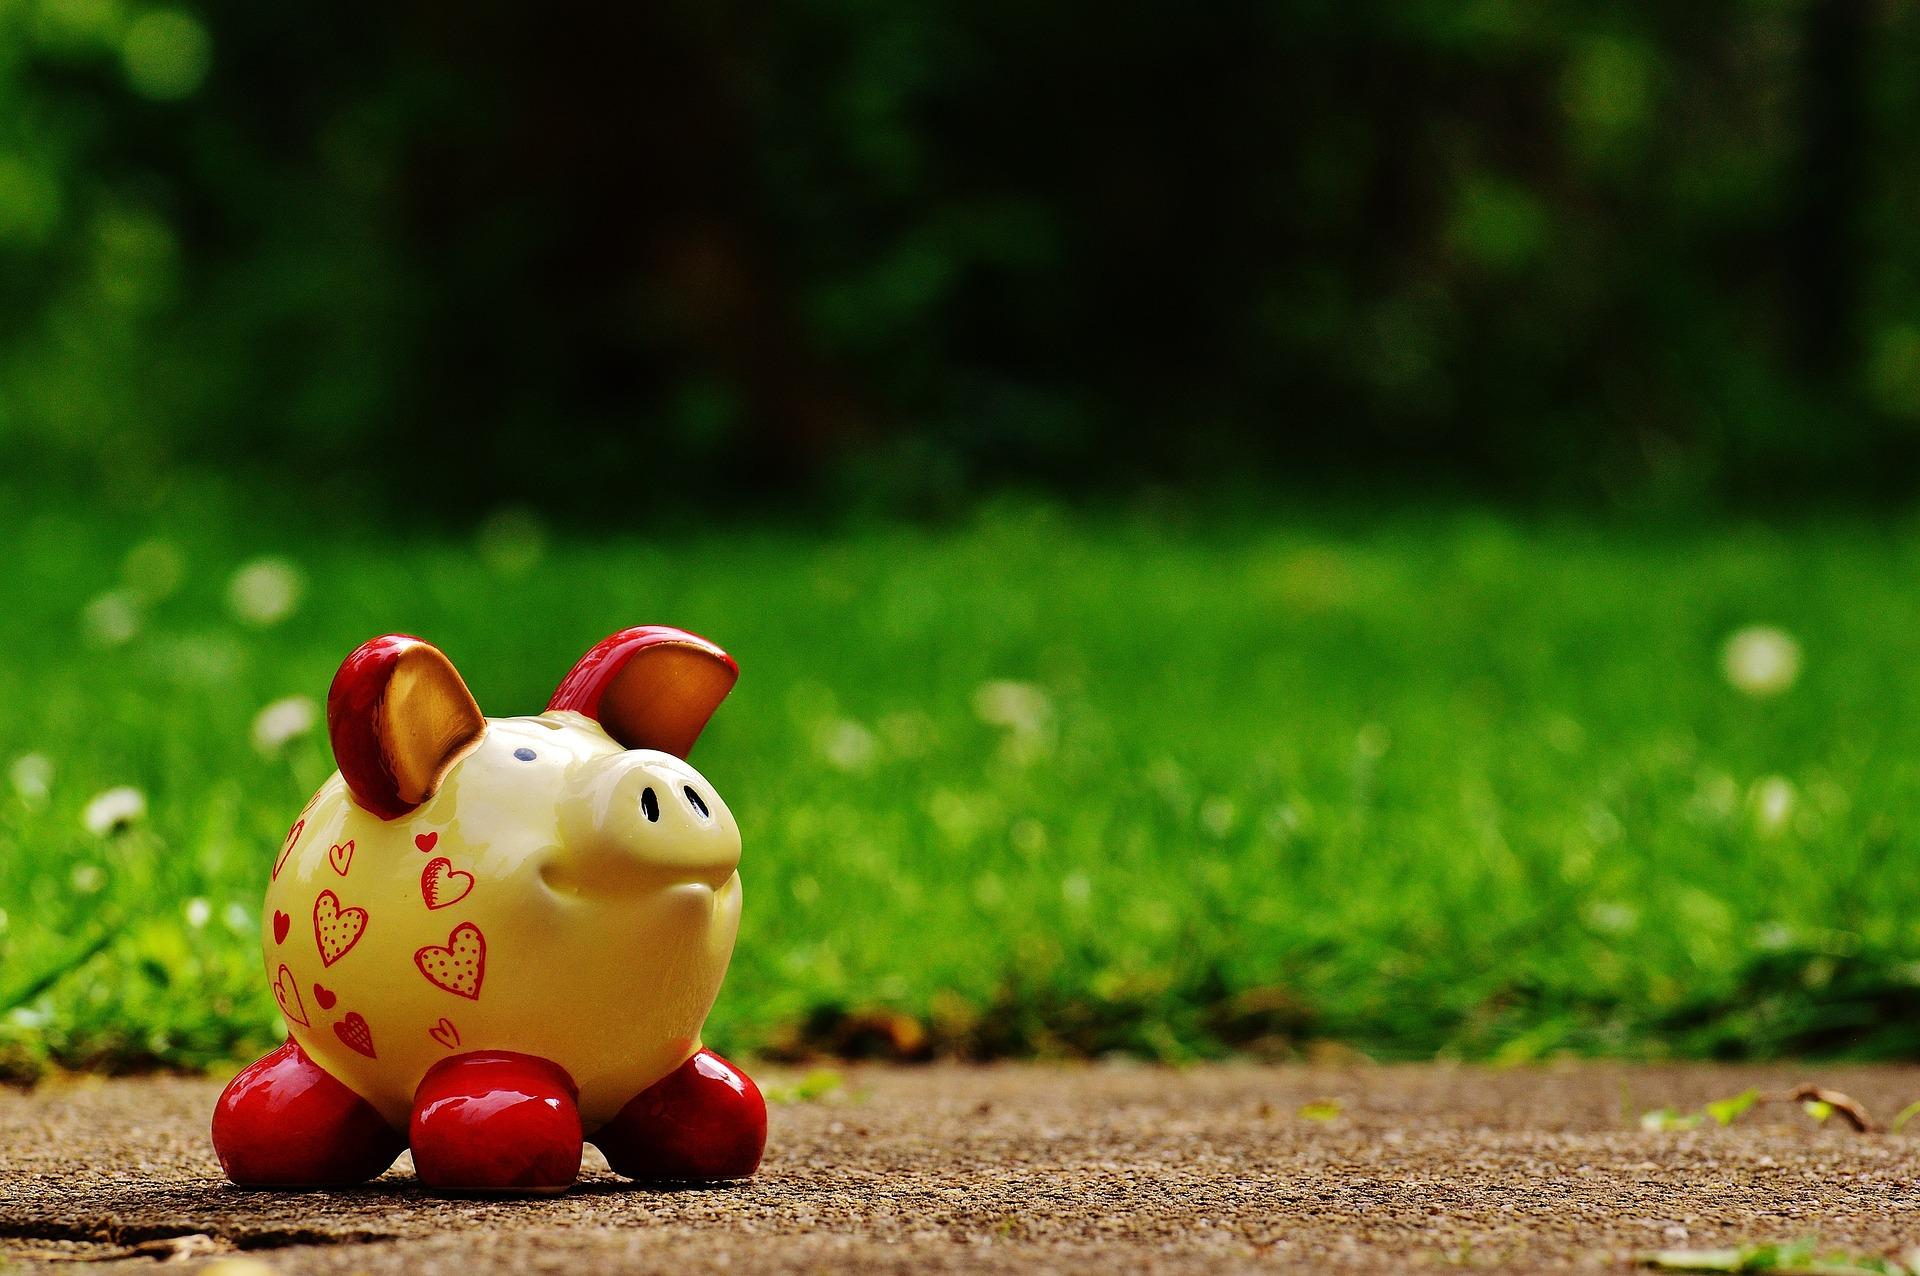 chiropractic wealth management children financial